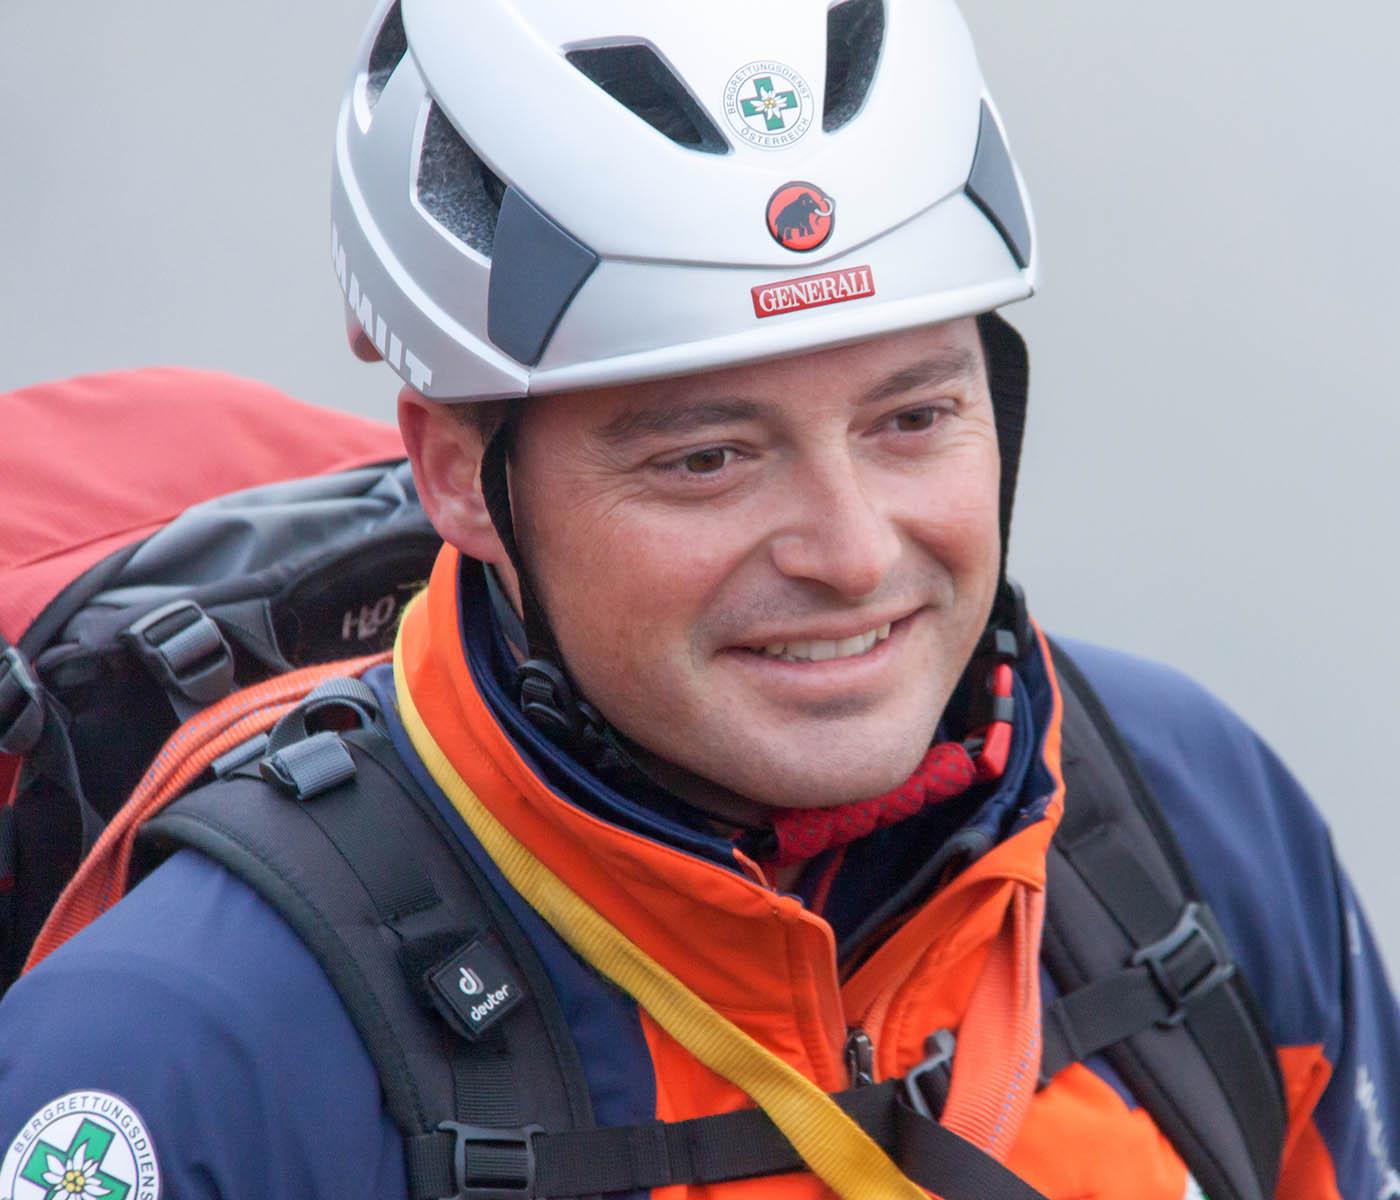 Der Chef der Ortsstelle Dienten, Christoph Portenkirchner